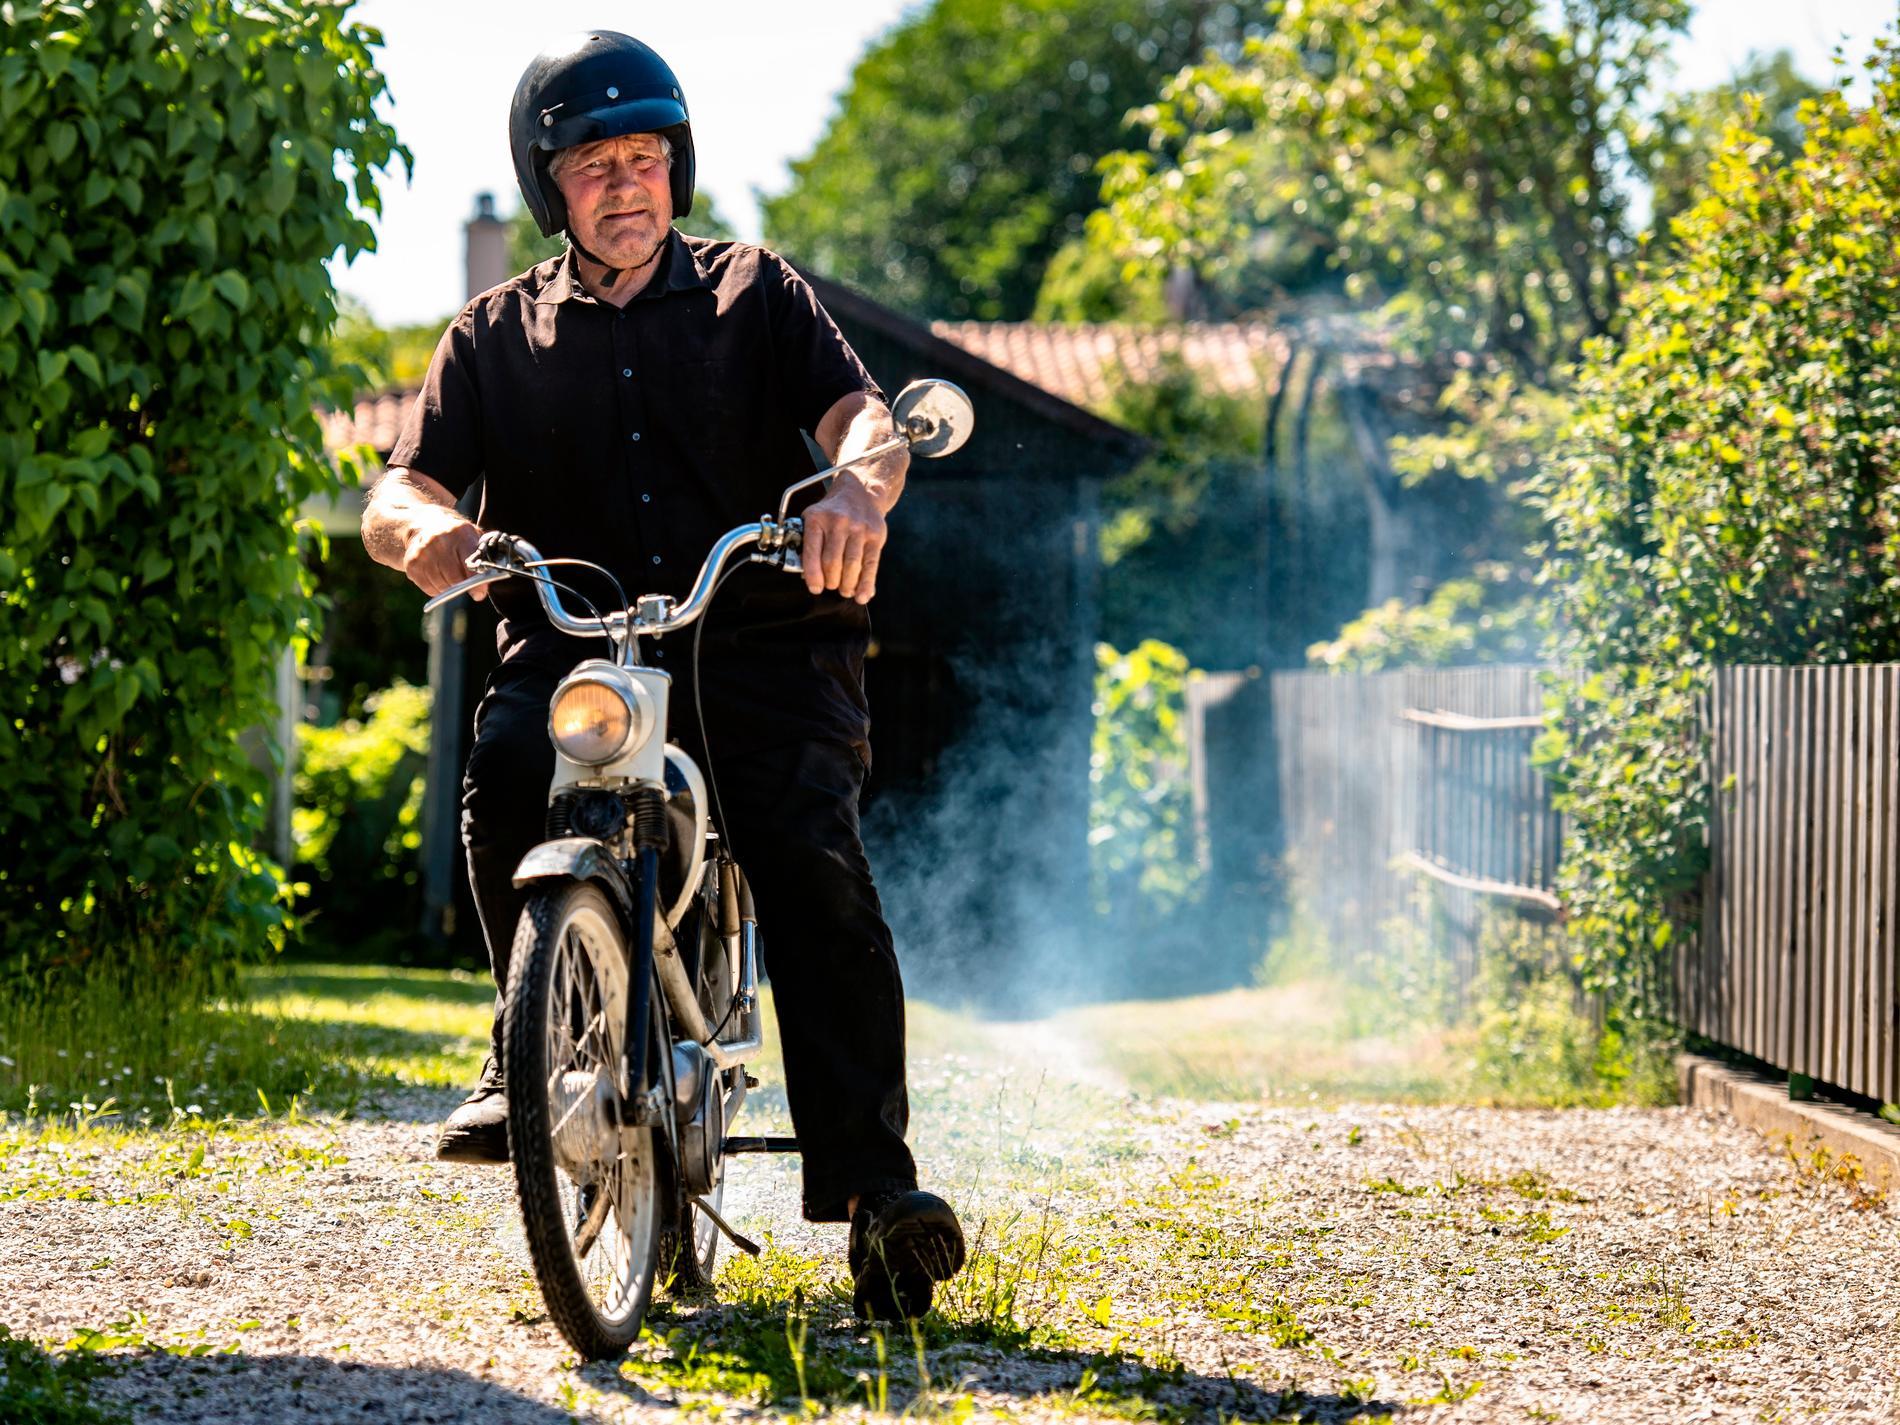 Mopedklubben Gute Moppers brukar åka runt på ön och dricka kaffe.